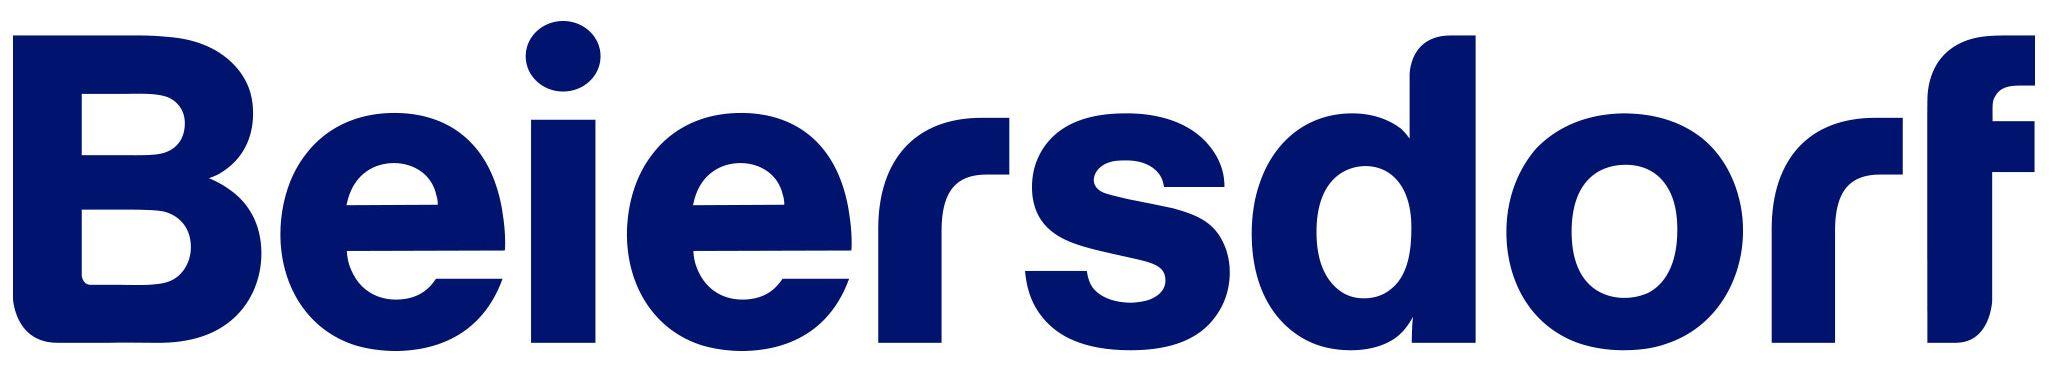 Beiersdorf: Der Kosmetikkonzern überarbeitet sein Logo